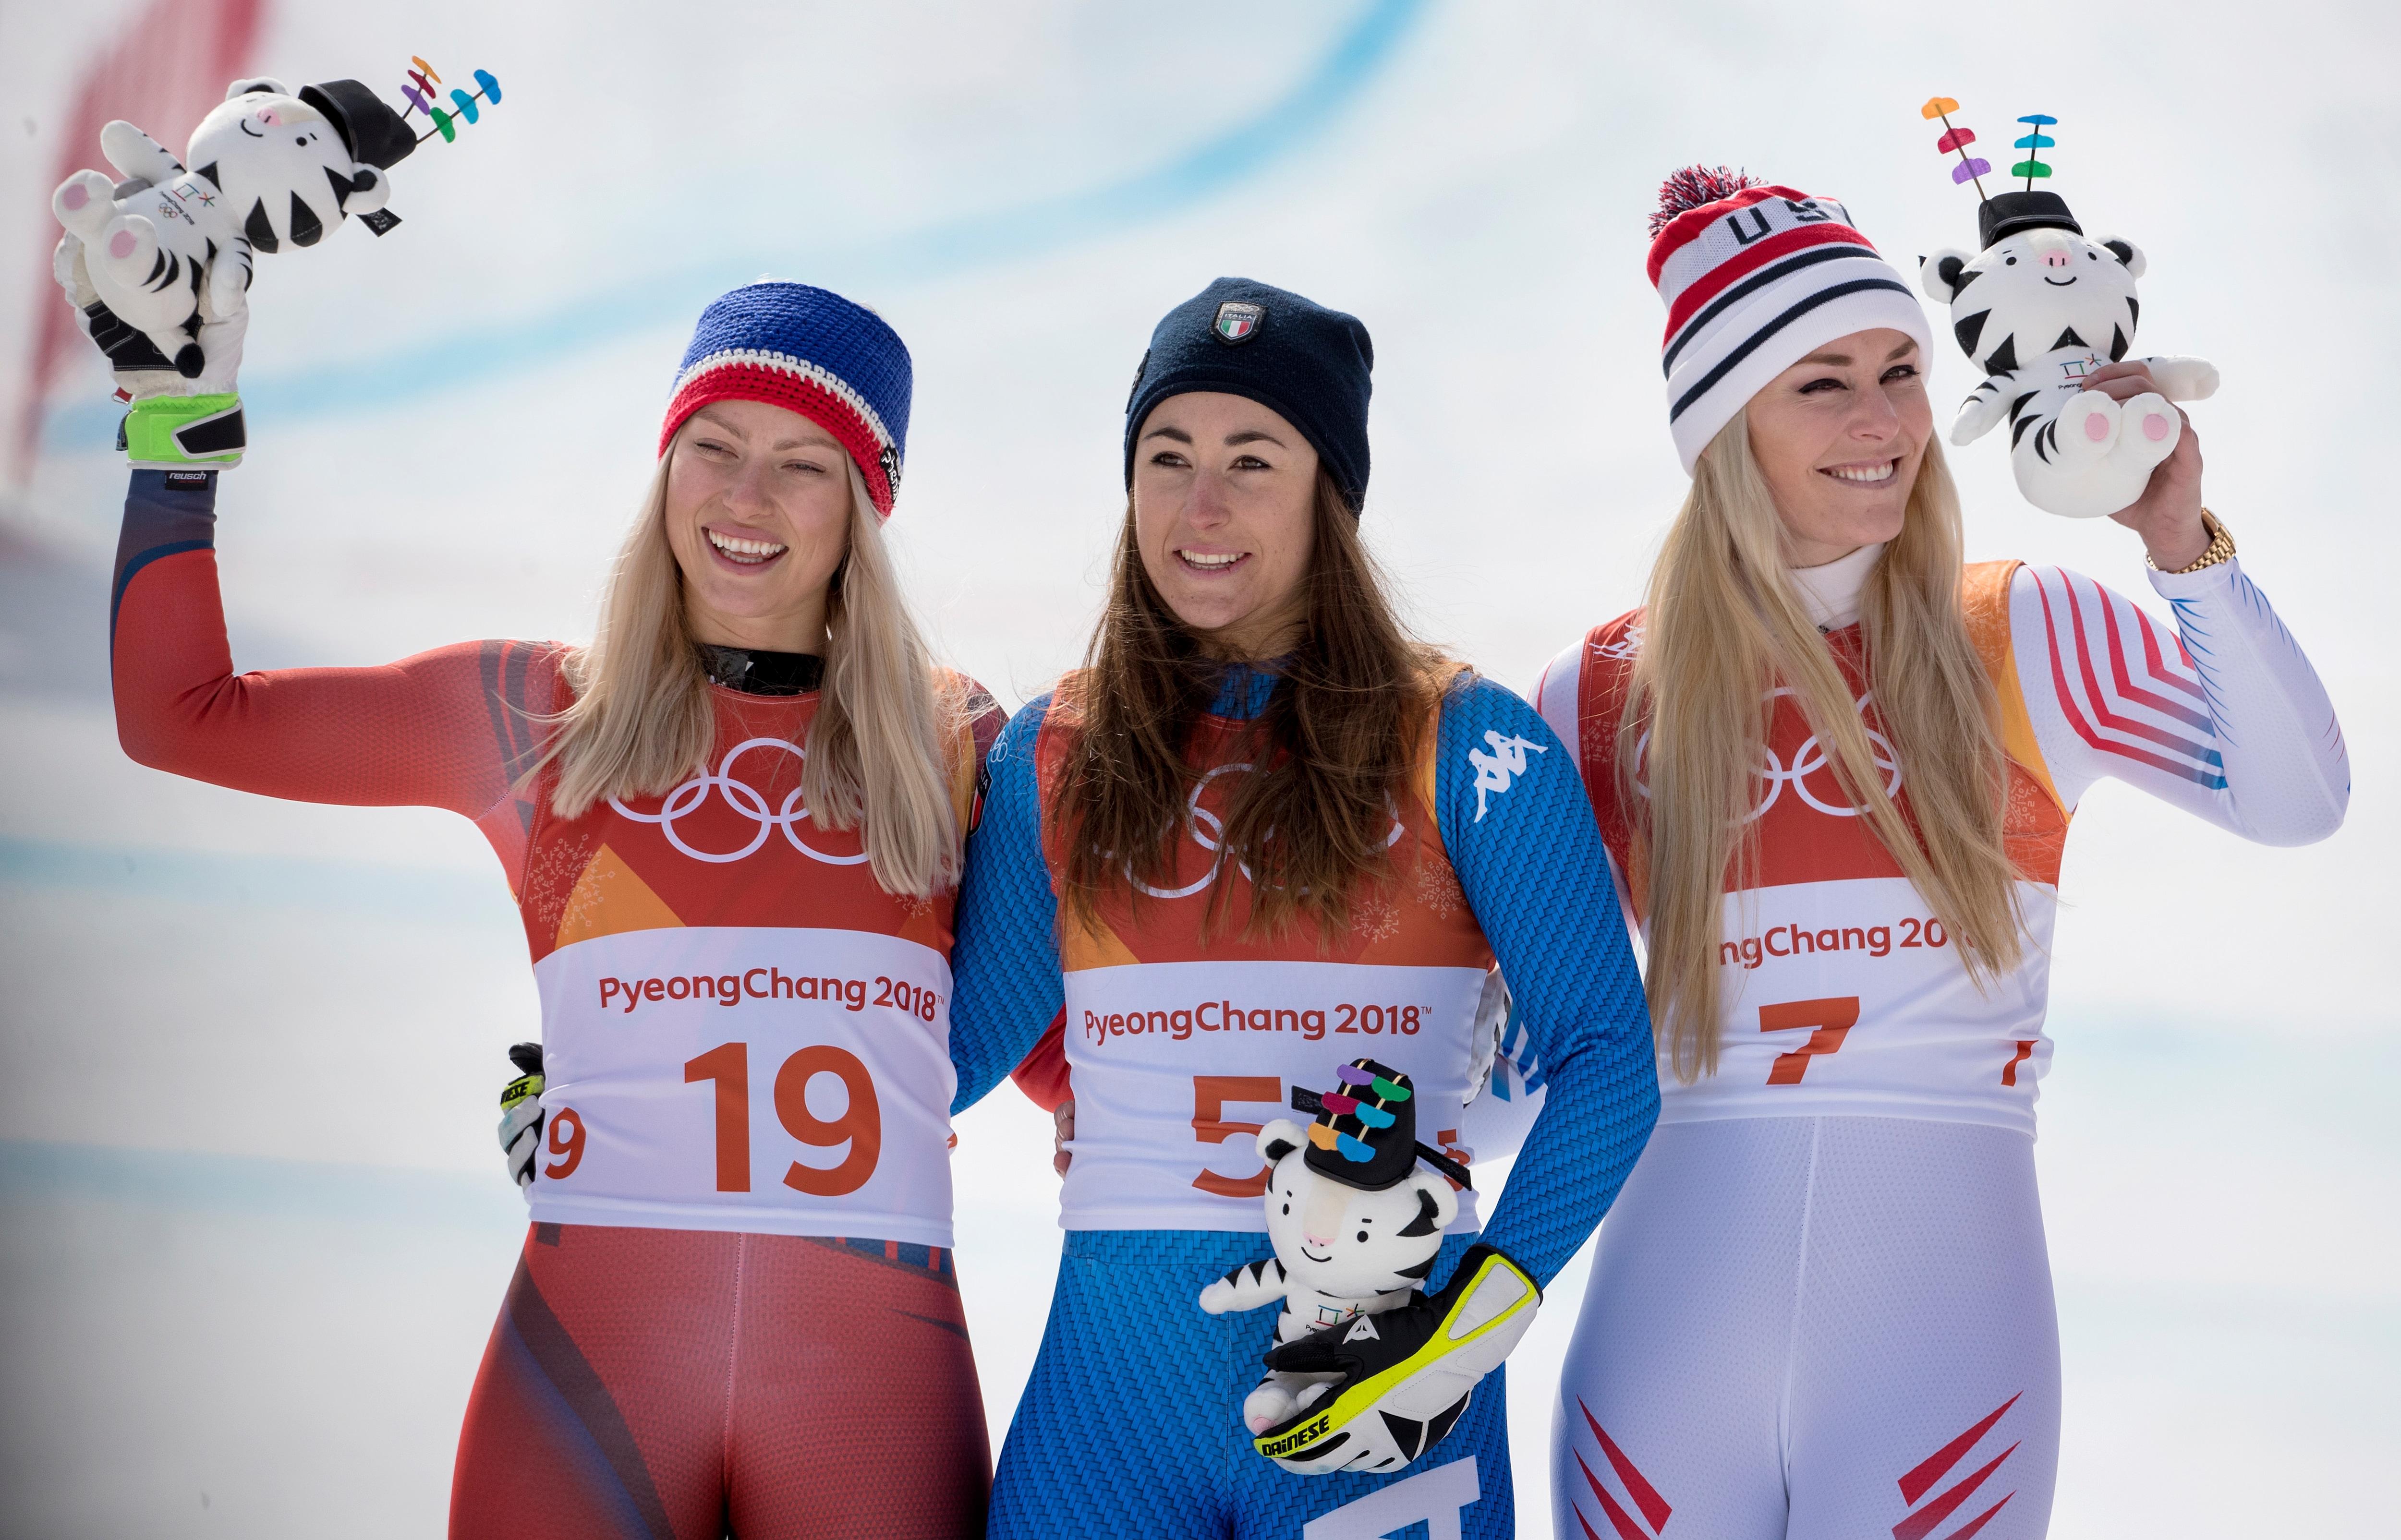 Le foto più belle della sciatrice Sofia Goggia, oro alle Olimpiadi / Image 18